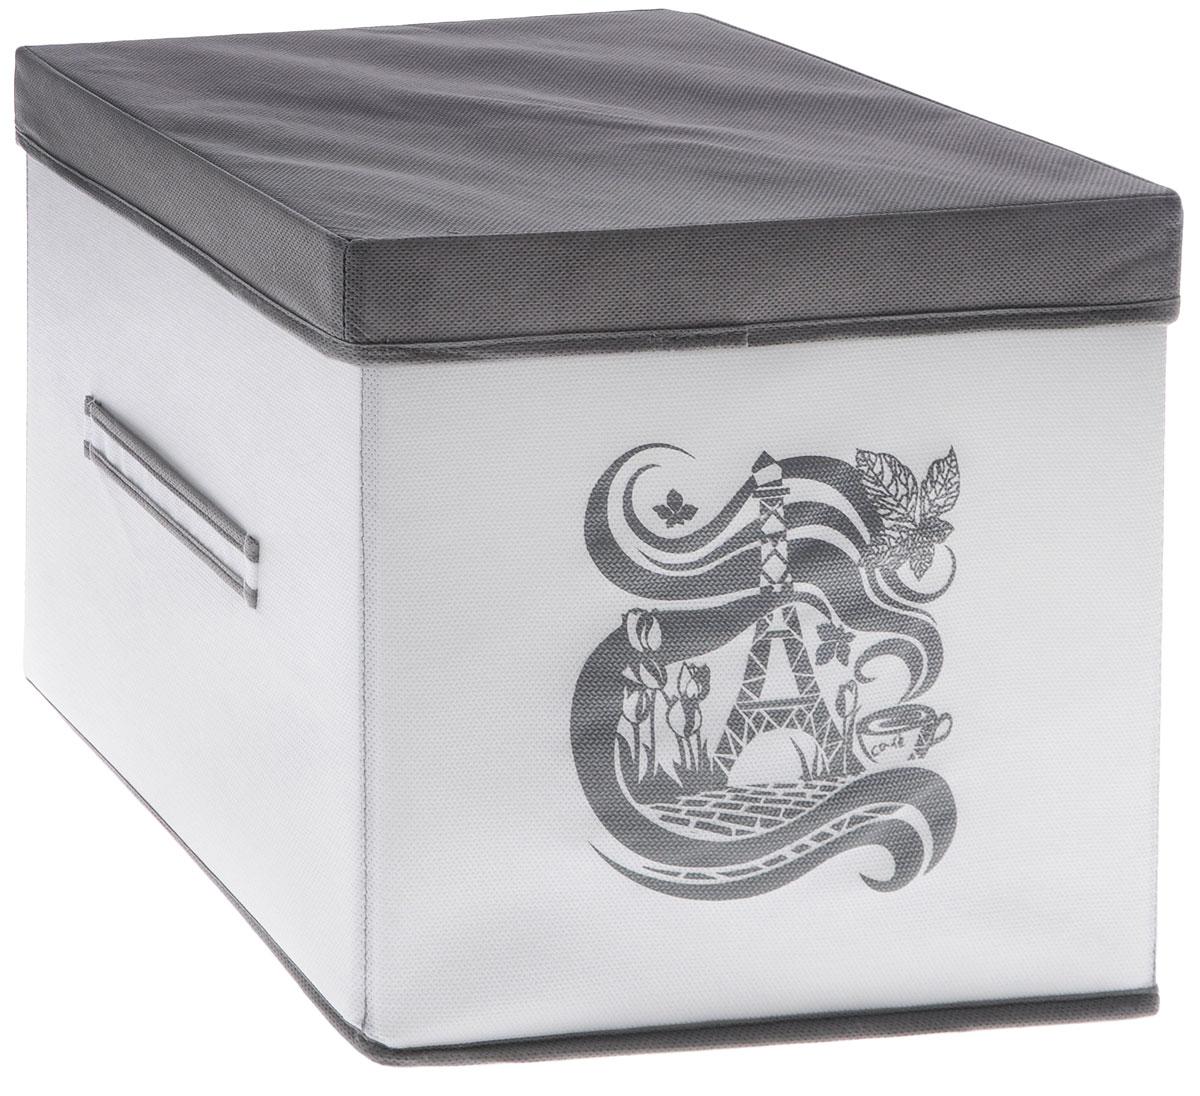 Коробка для вещей Все на местах Вечер в Париже, с крышкой, цвет: серый, белый, 30 х 30 х 30 см1003036.